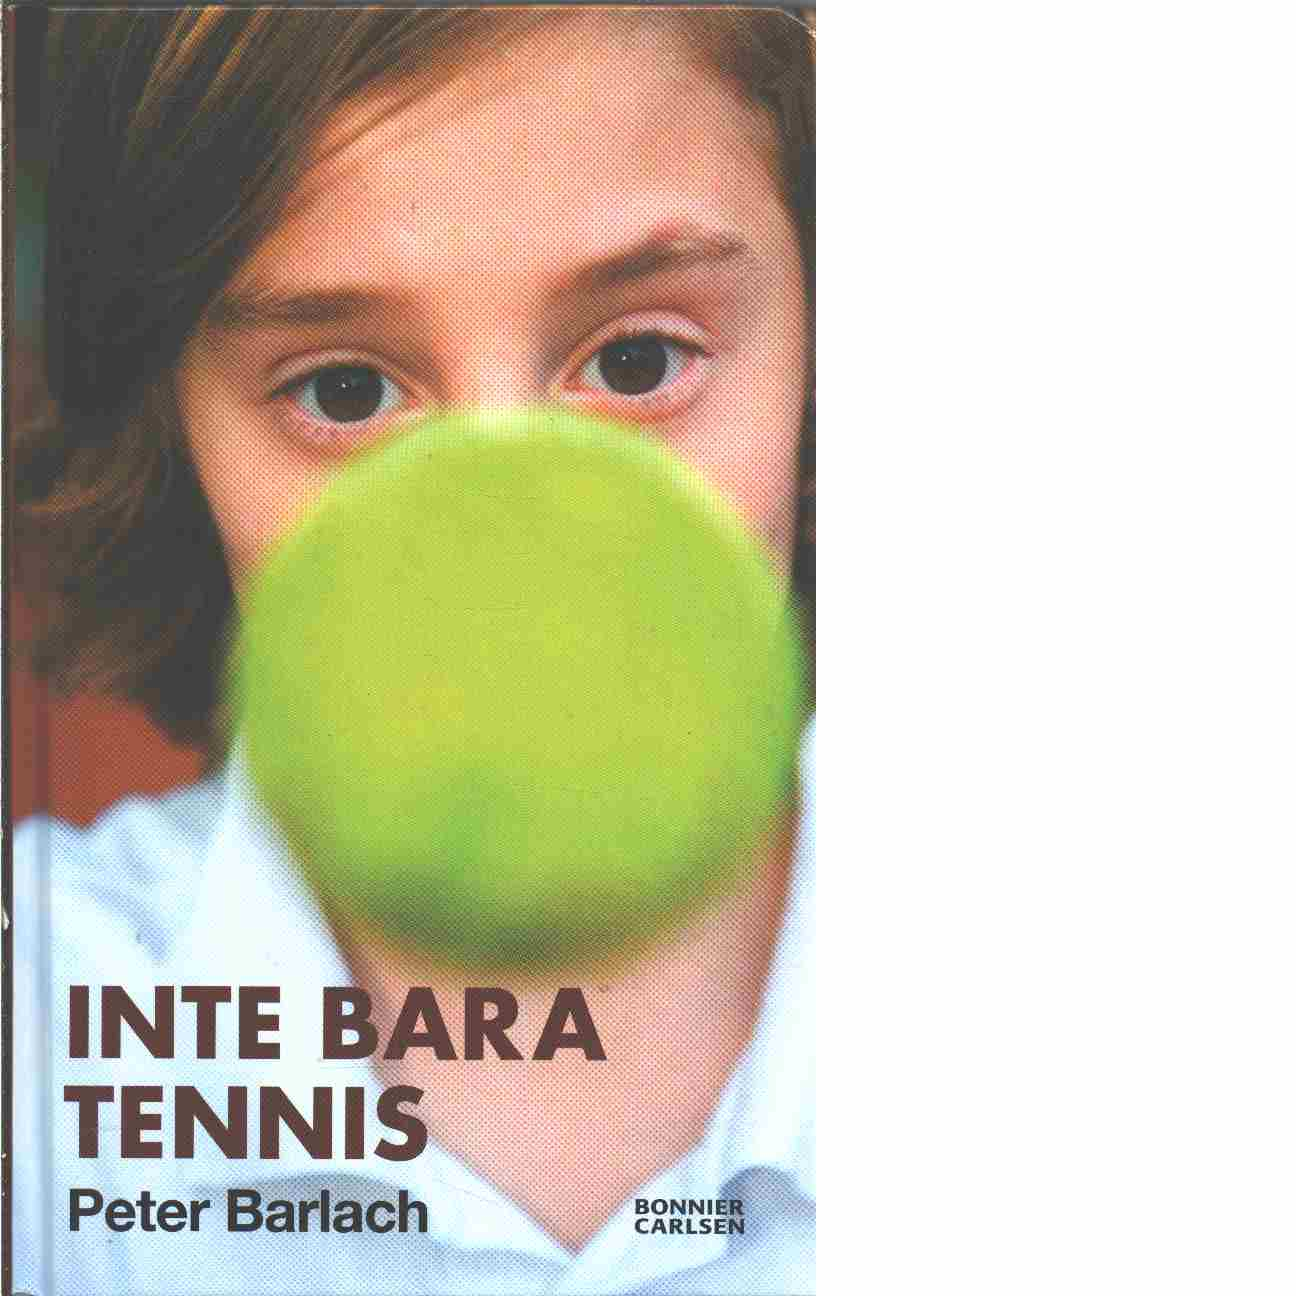 Inte bara tennis - Barlach, Peter